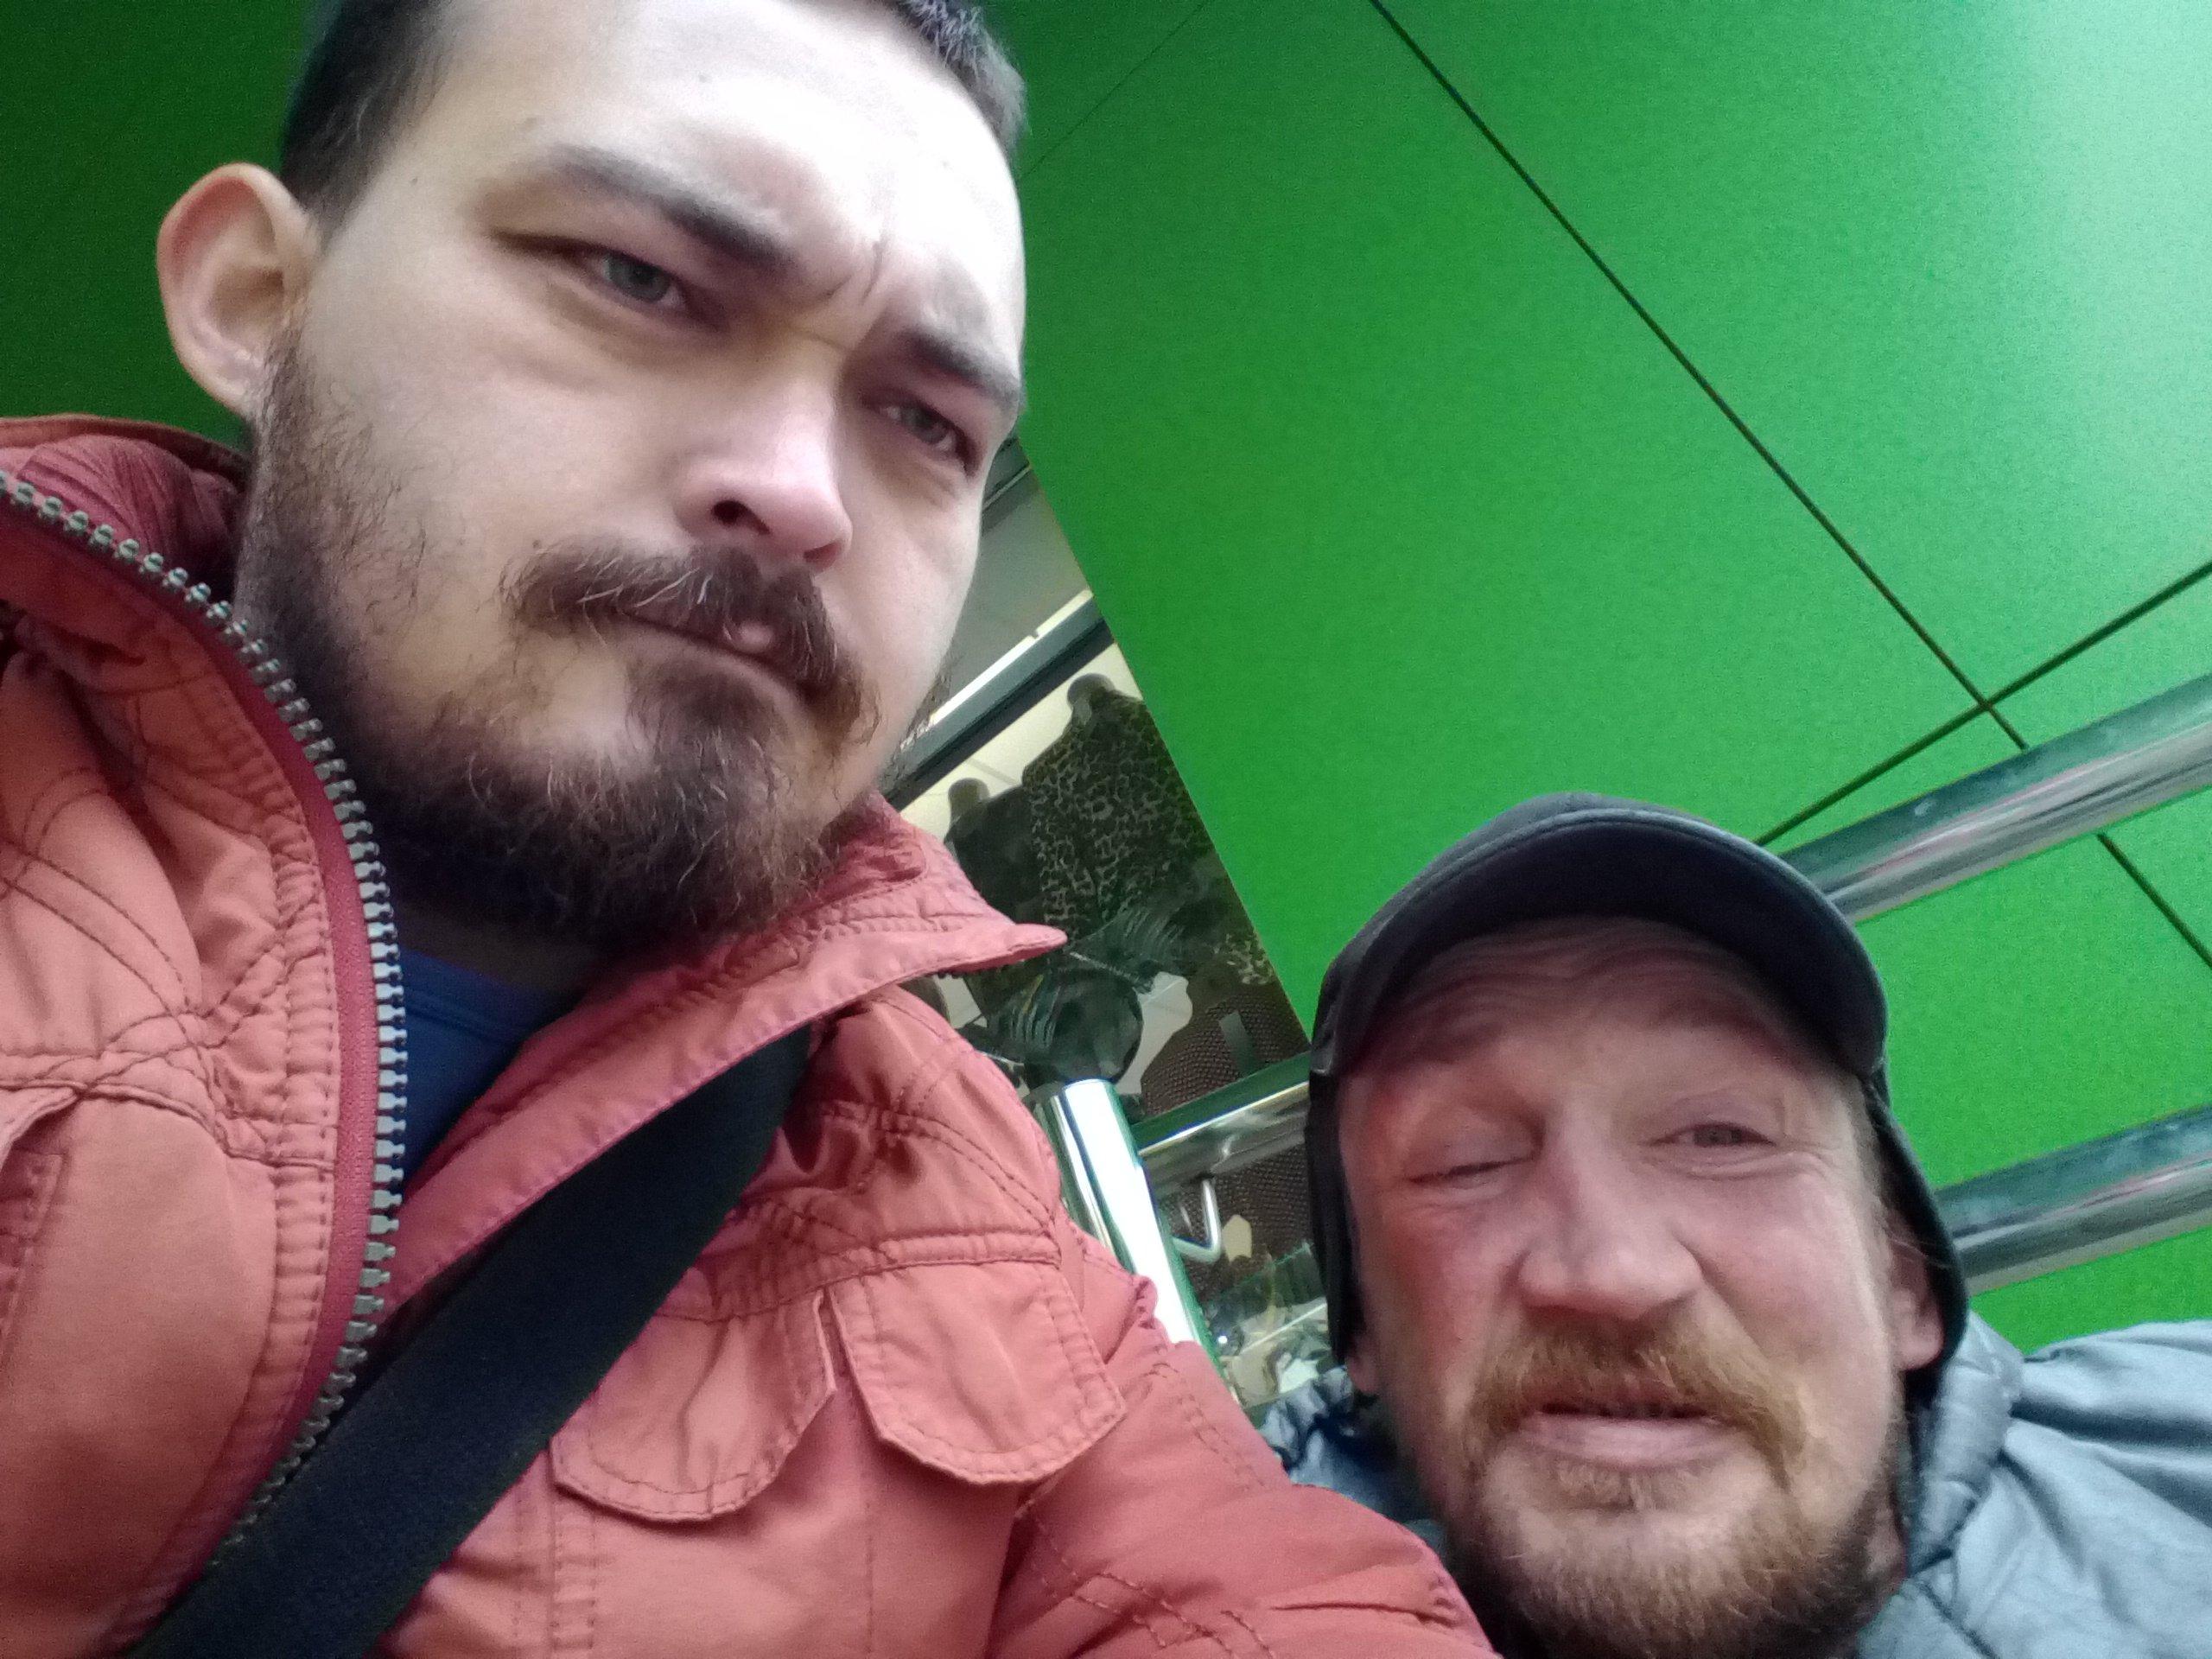 интервью у бомжа интервью с бомжом бомж бродяга бездомный йошкар-ола нищий попрошайка отвратительные мужики disgusting men